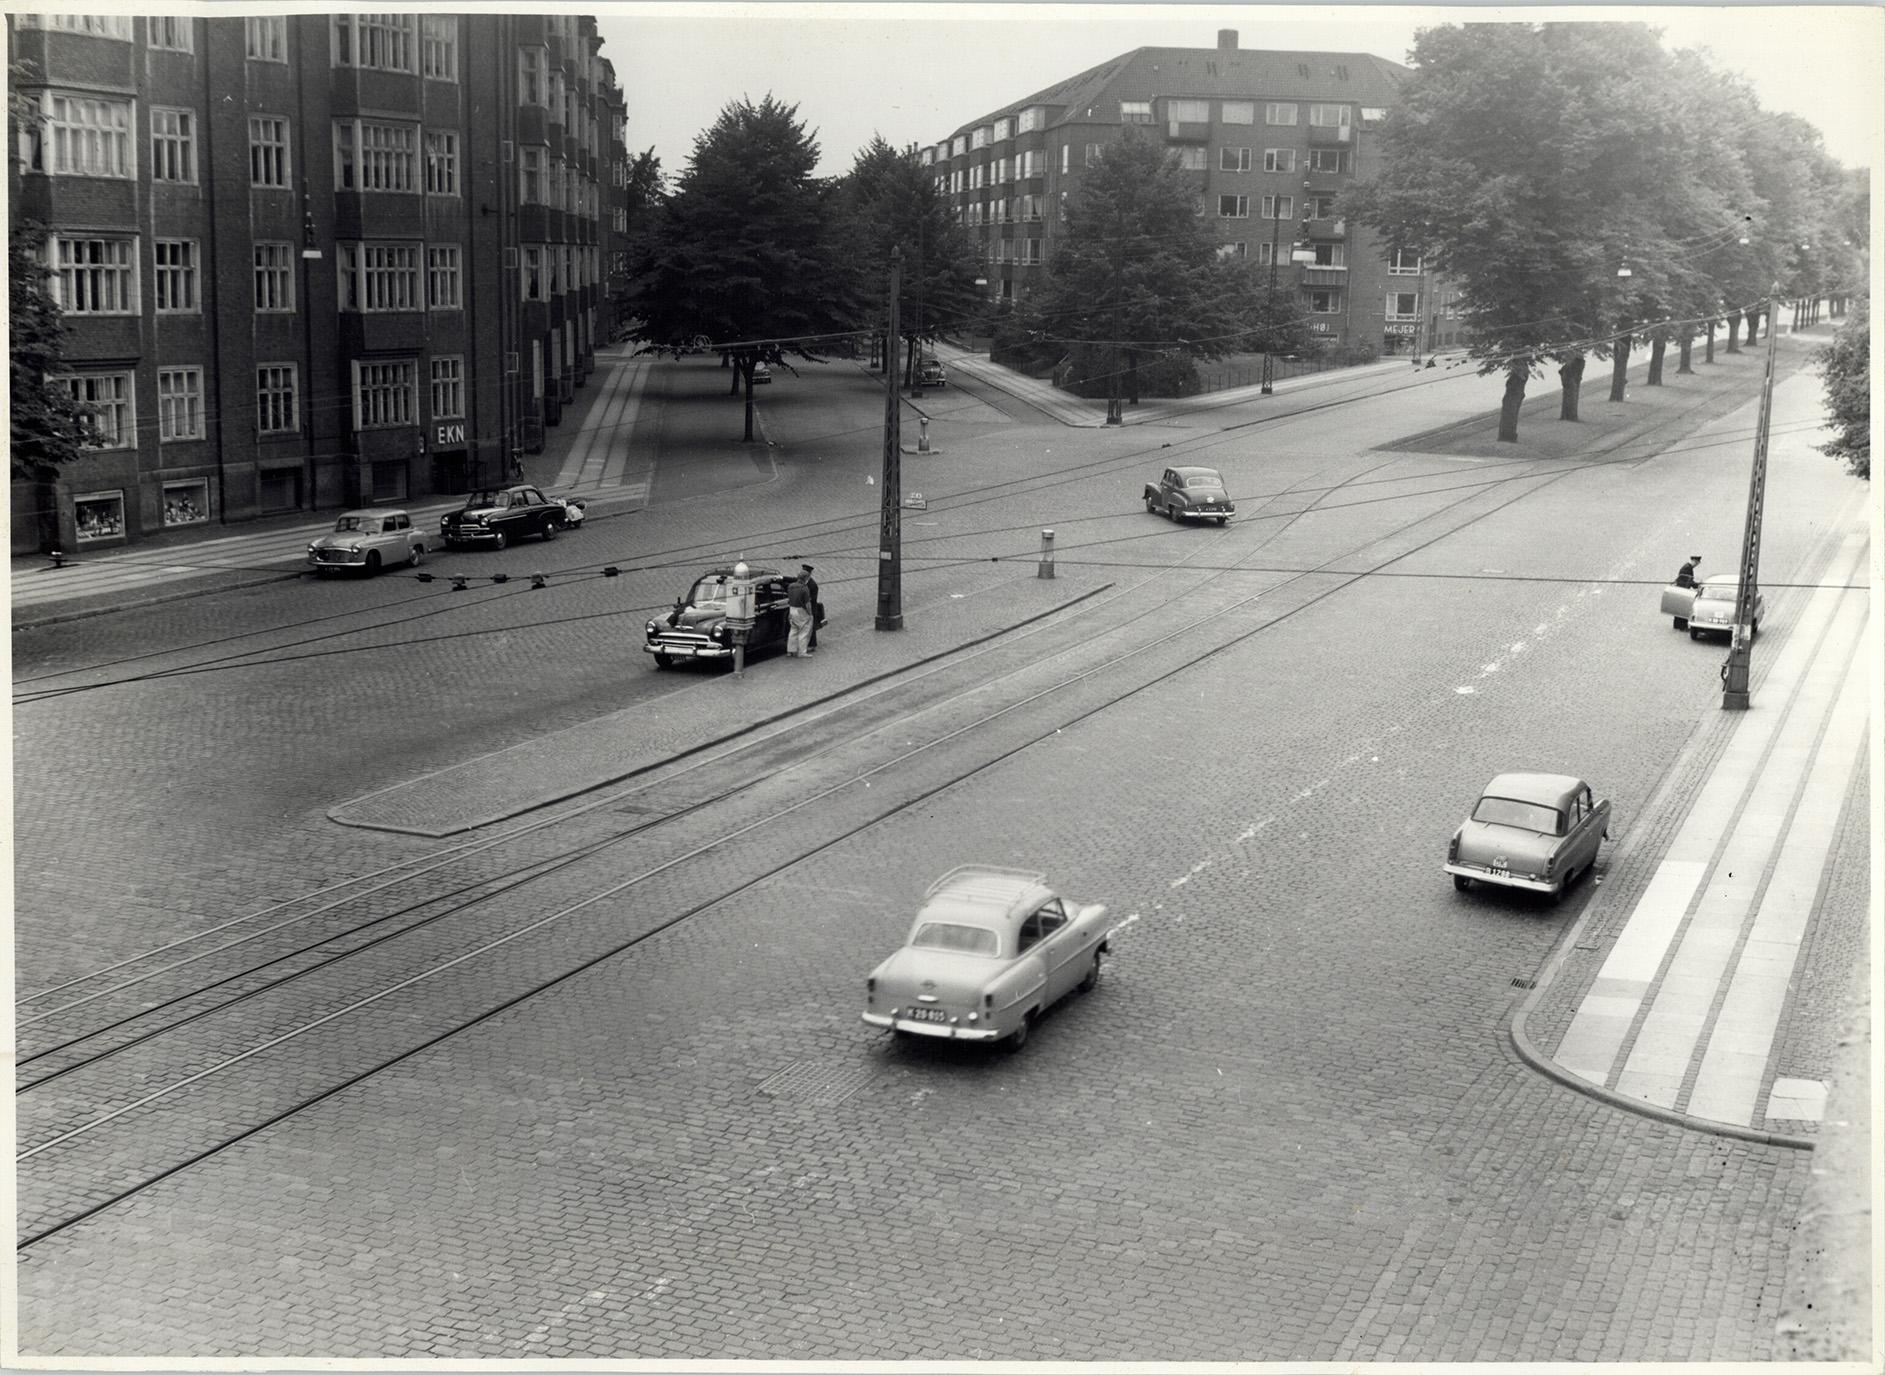 1957-07-30 Borgmester Jensens alle set fra Jagtvej - Stadsingeniørens fotosamling - Negativ 2303